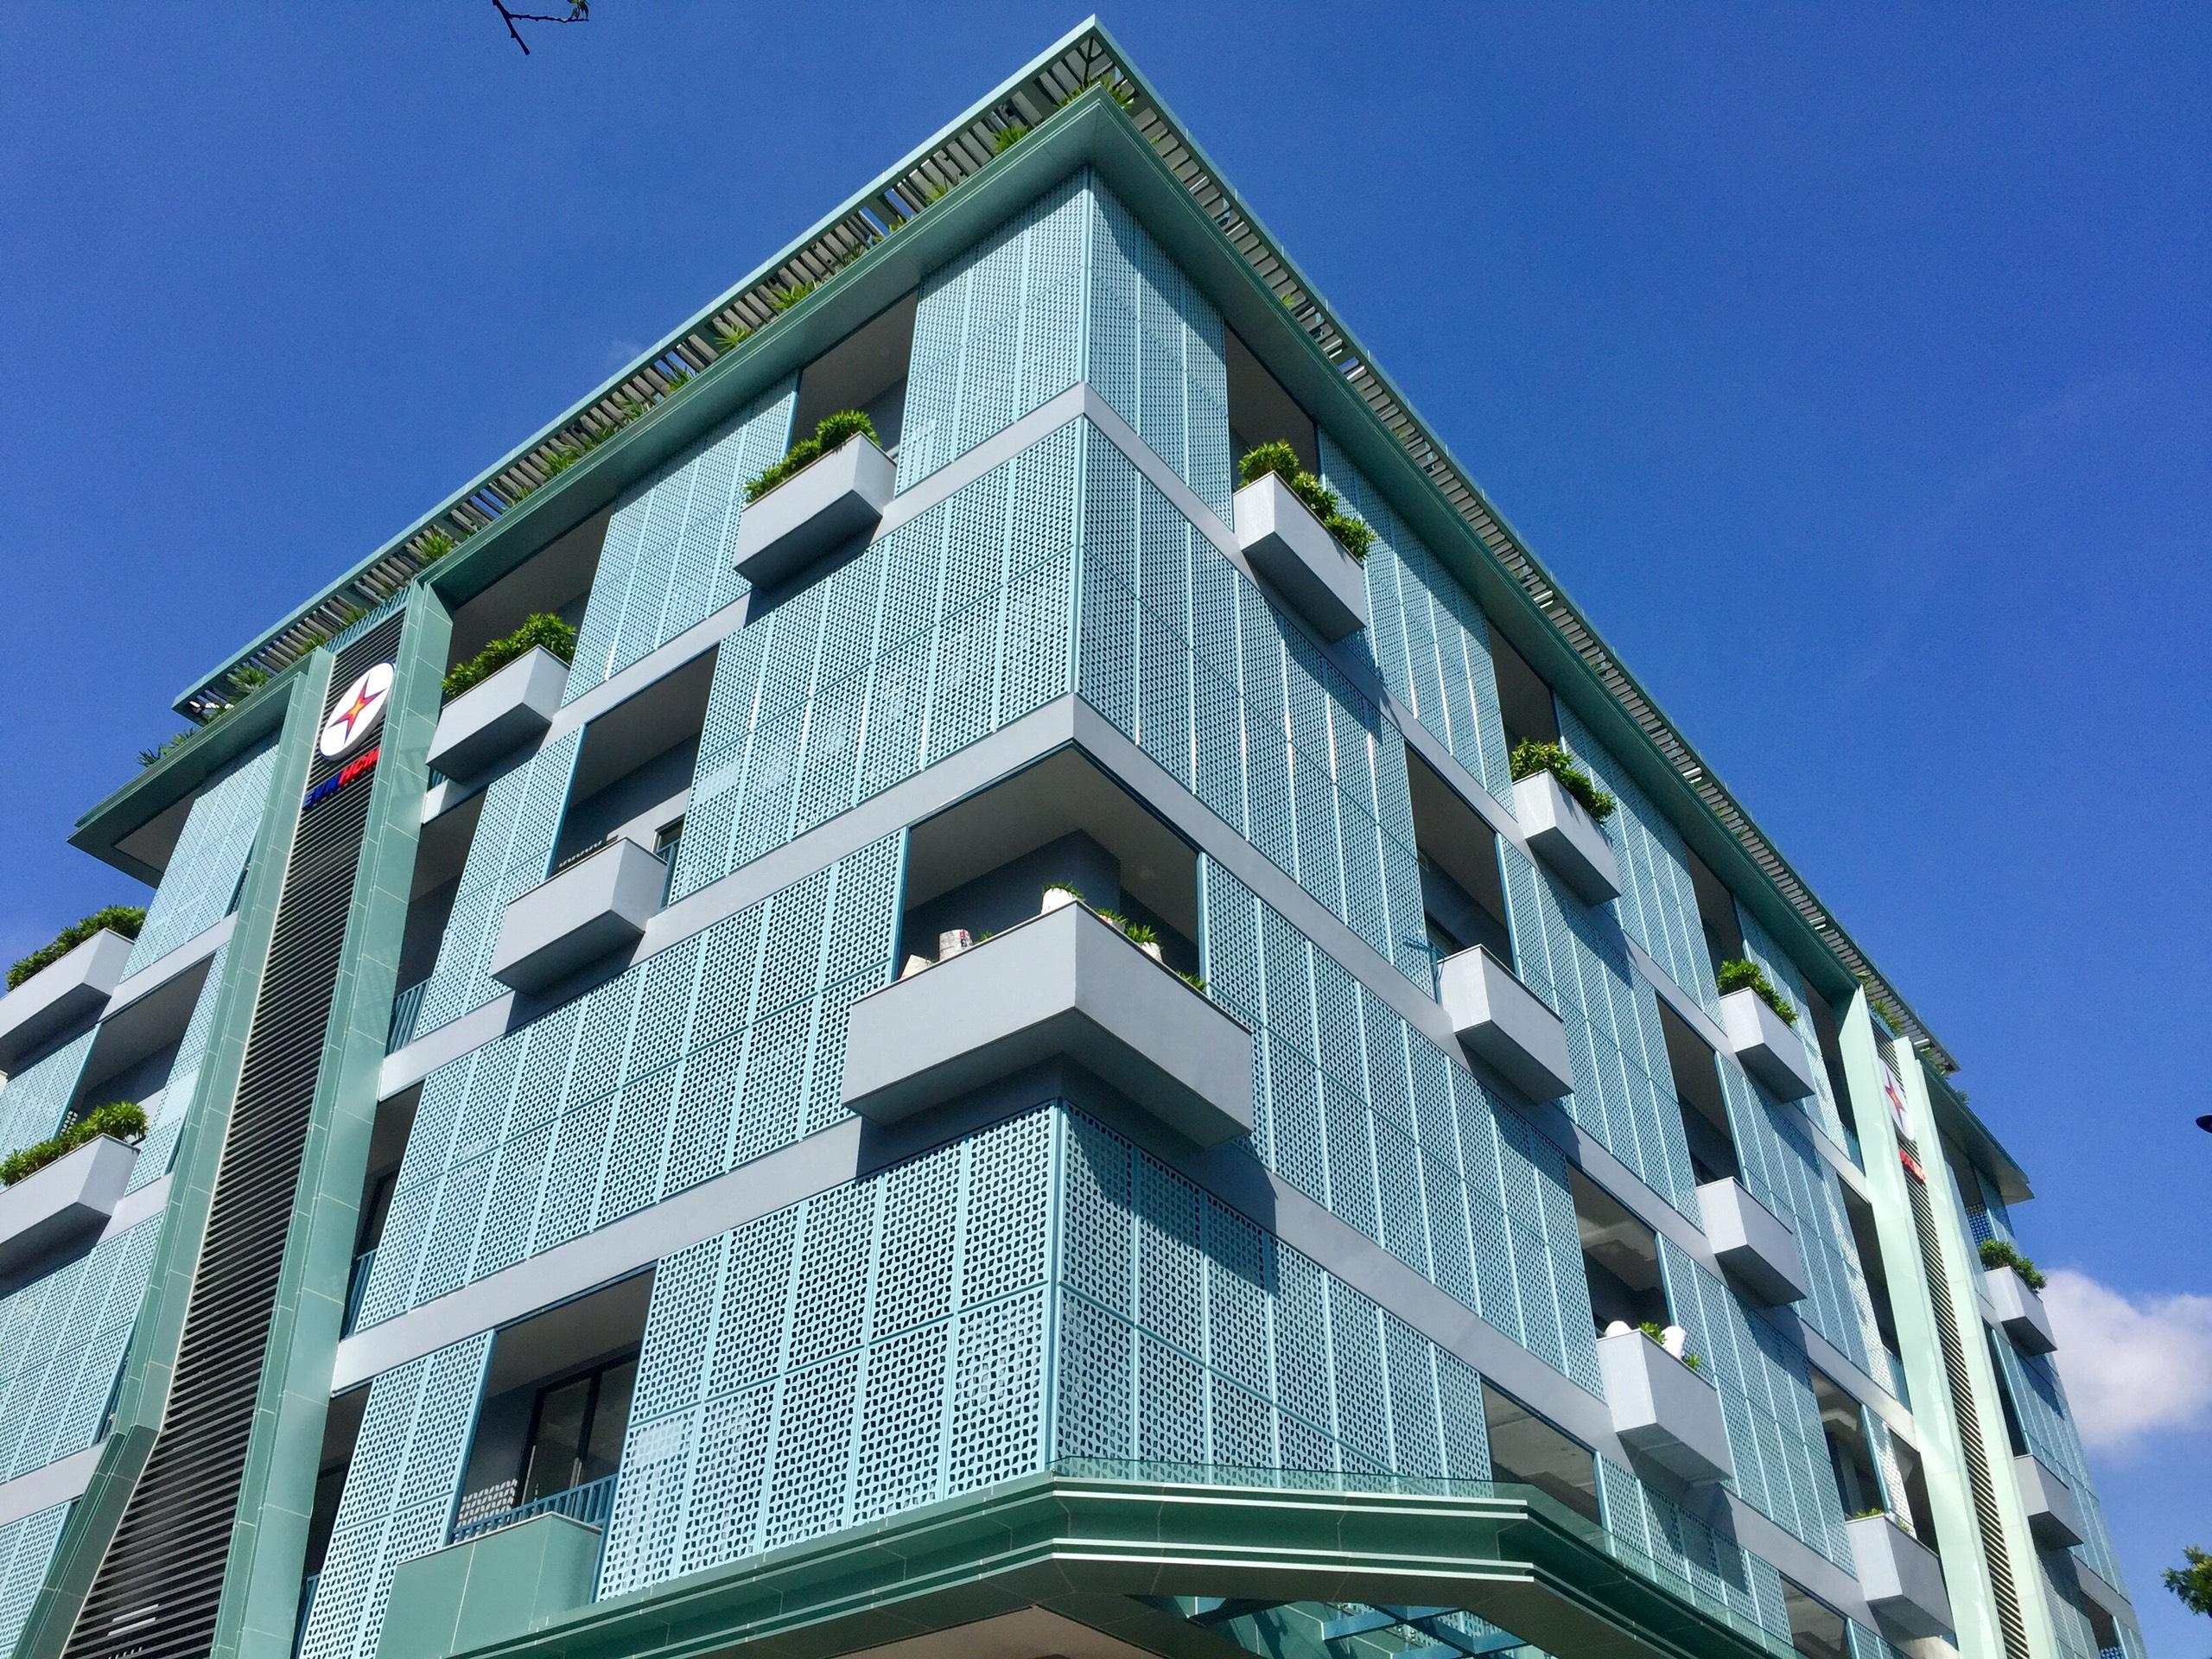 Trung tâm lưu trữ dữ liệu Tổng Công ty Điện lực TPHCM